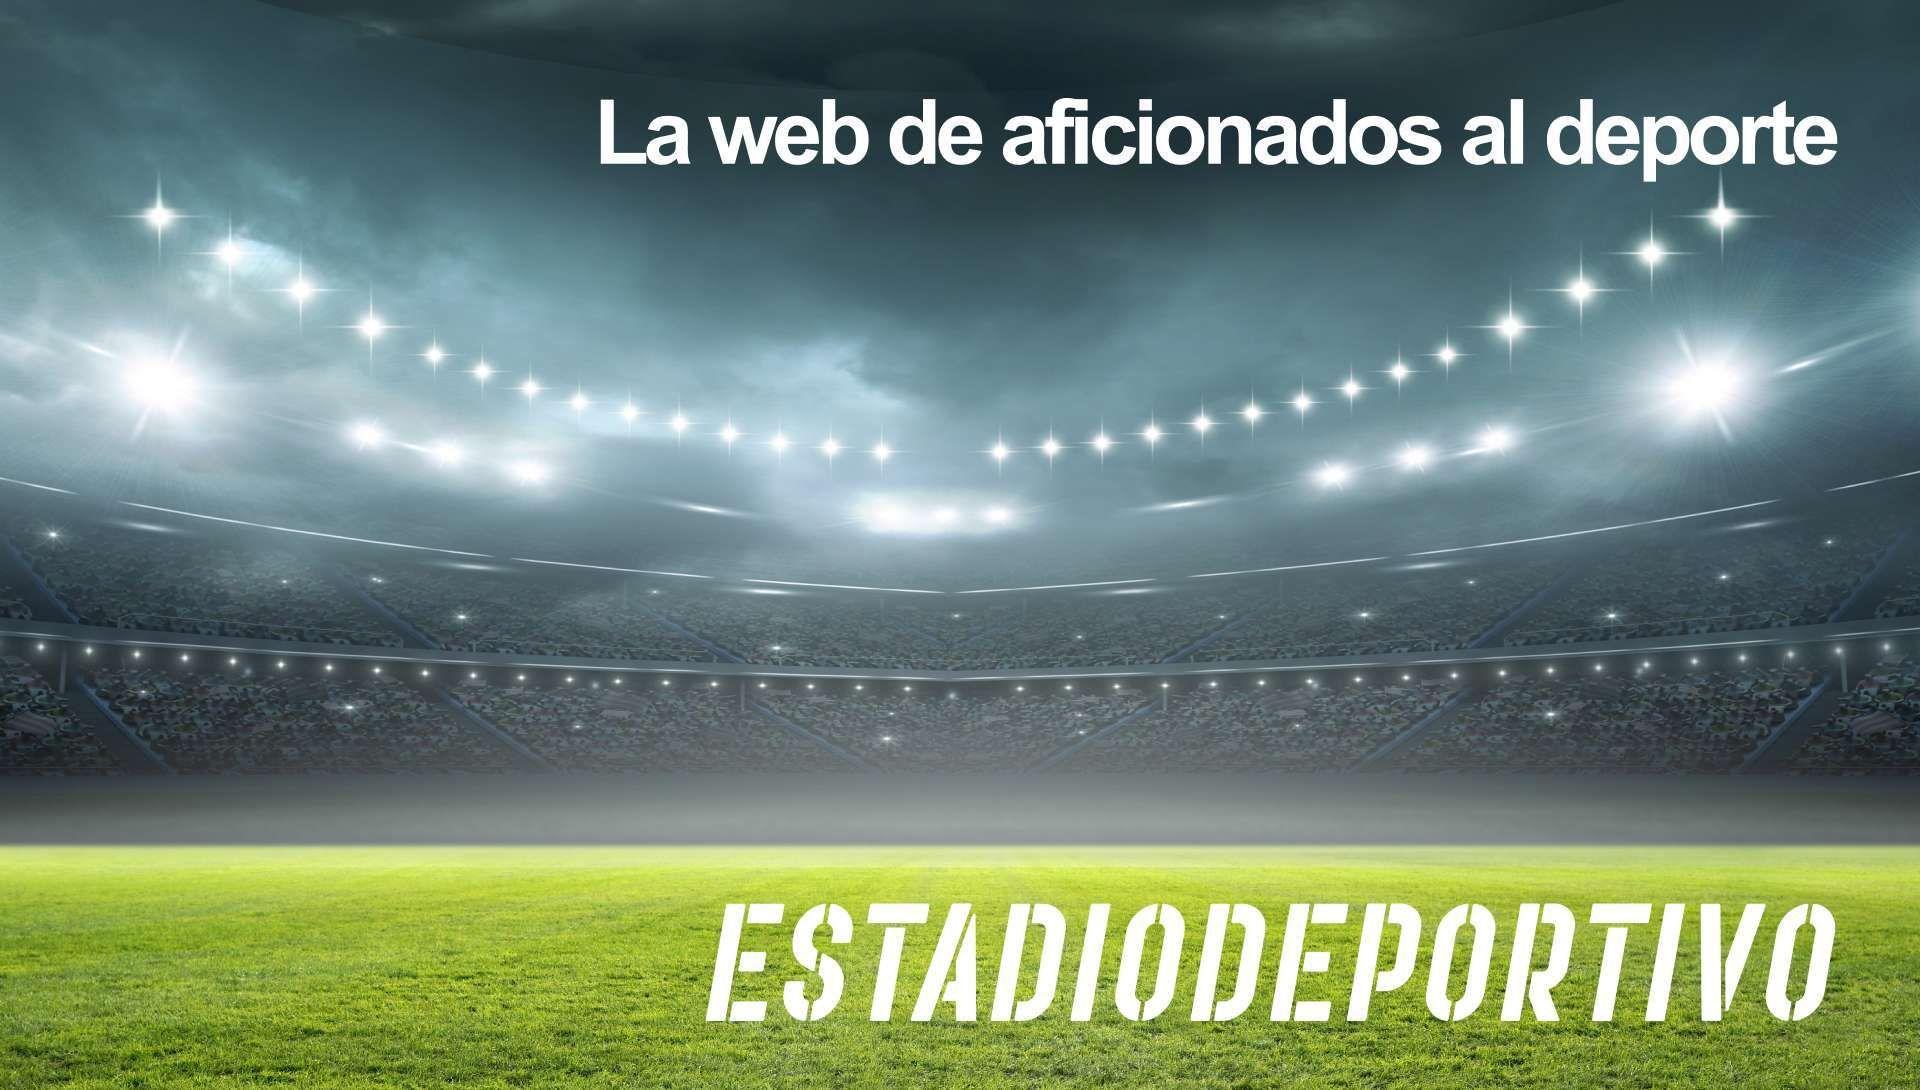 Las estrellas del Ajax que deslumbra a Europa